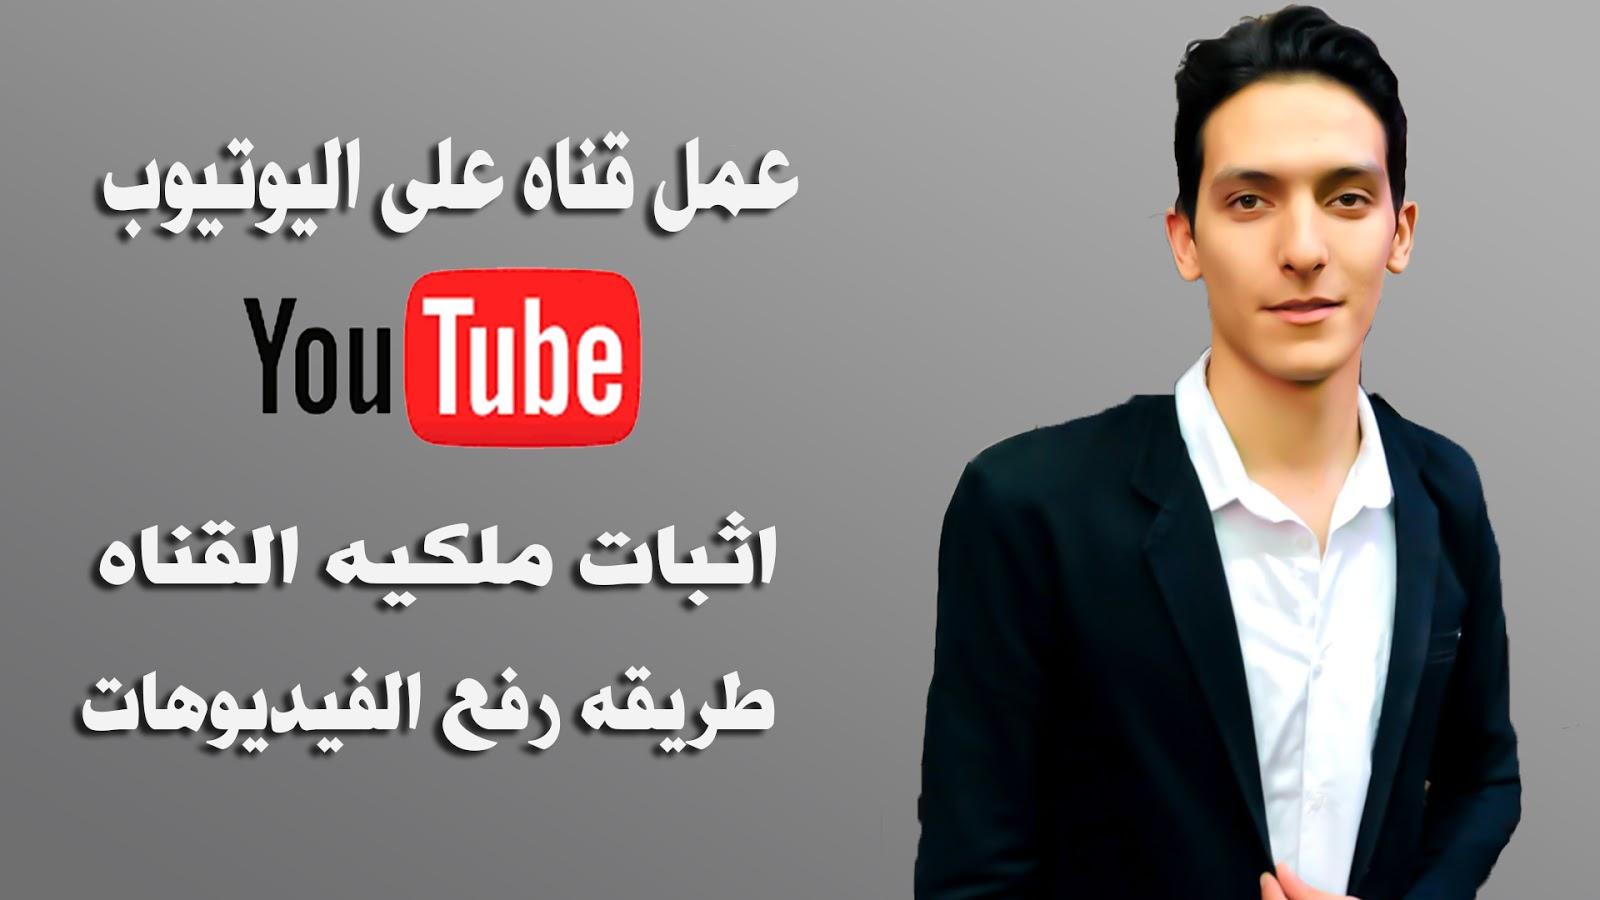 Photo of شرح كل شيء لكيفيه عمل قناه على اليوتيوب من الموبايل